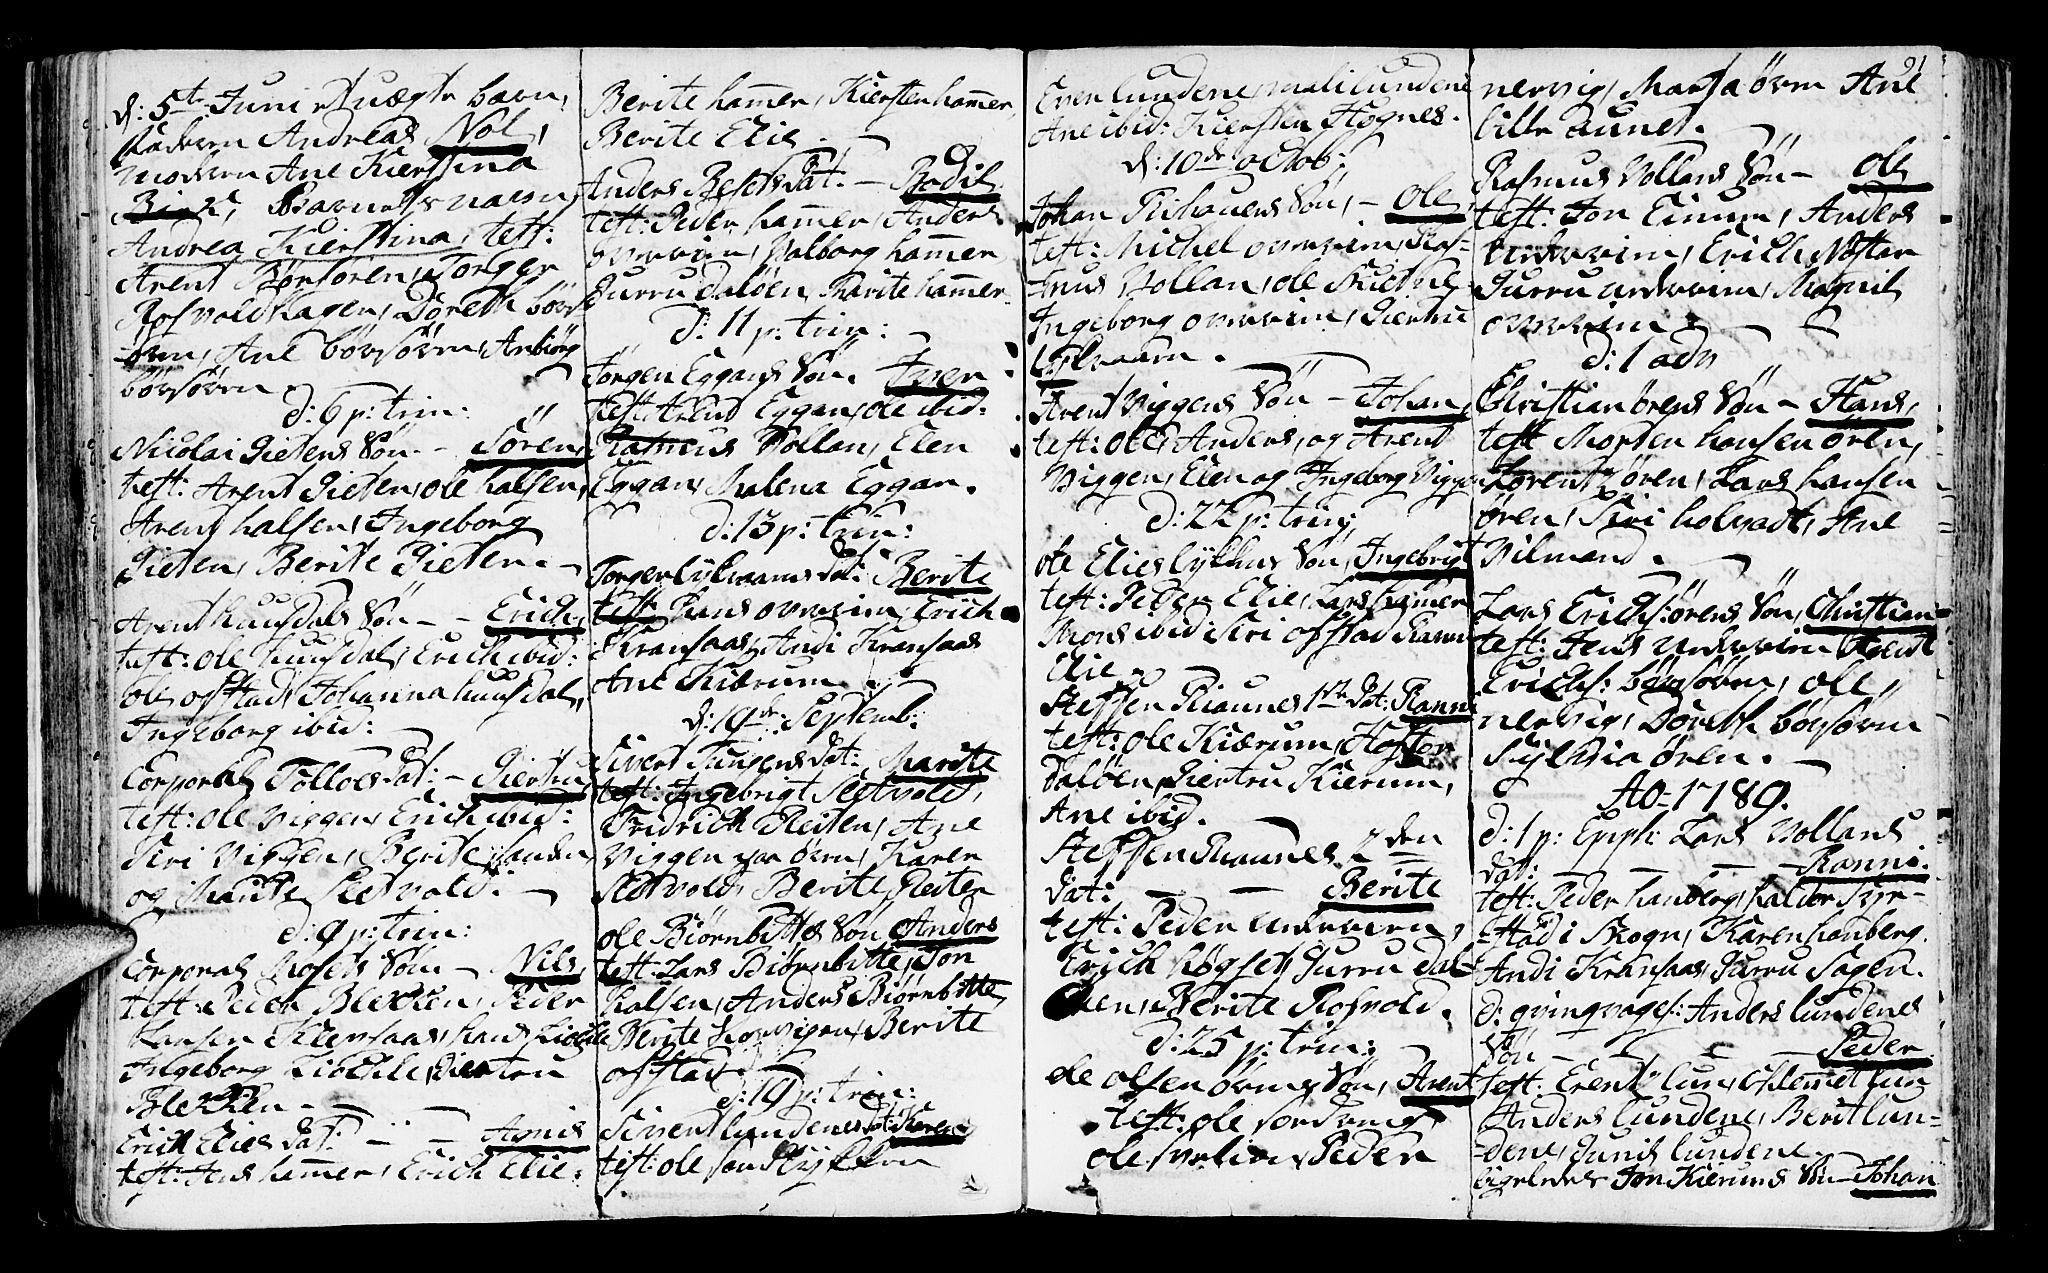 SAT, Ministerialprotokoller, klokkerbøker og fødselsregistre - Sør-Trøndelag, 665/L0768: Ministerialbok nr. 665A03, 1754-1803, s. 91